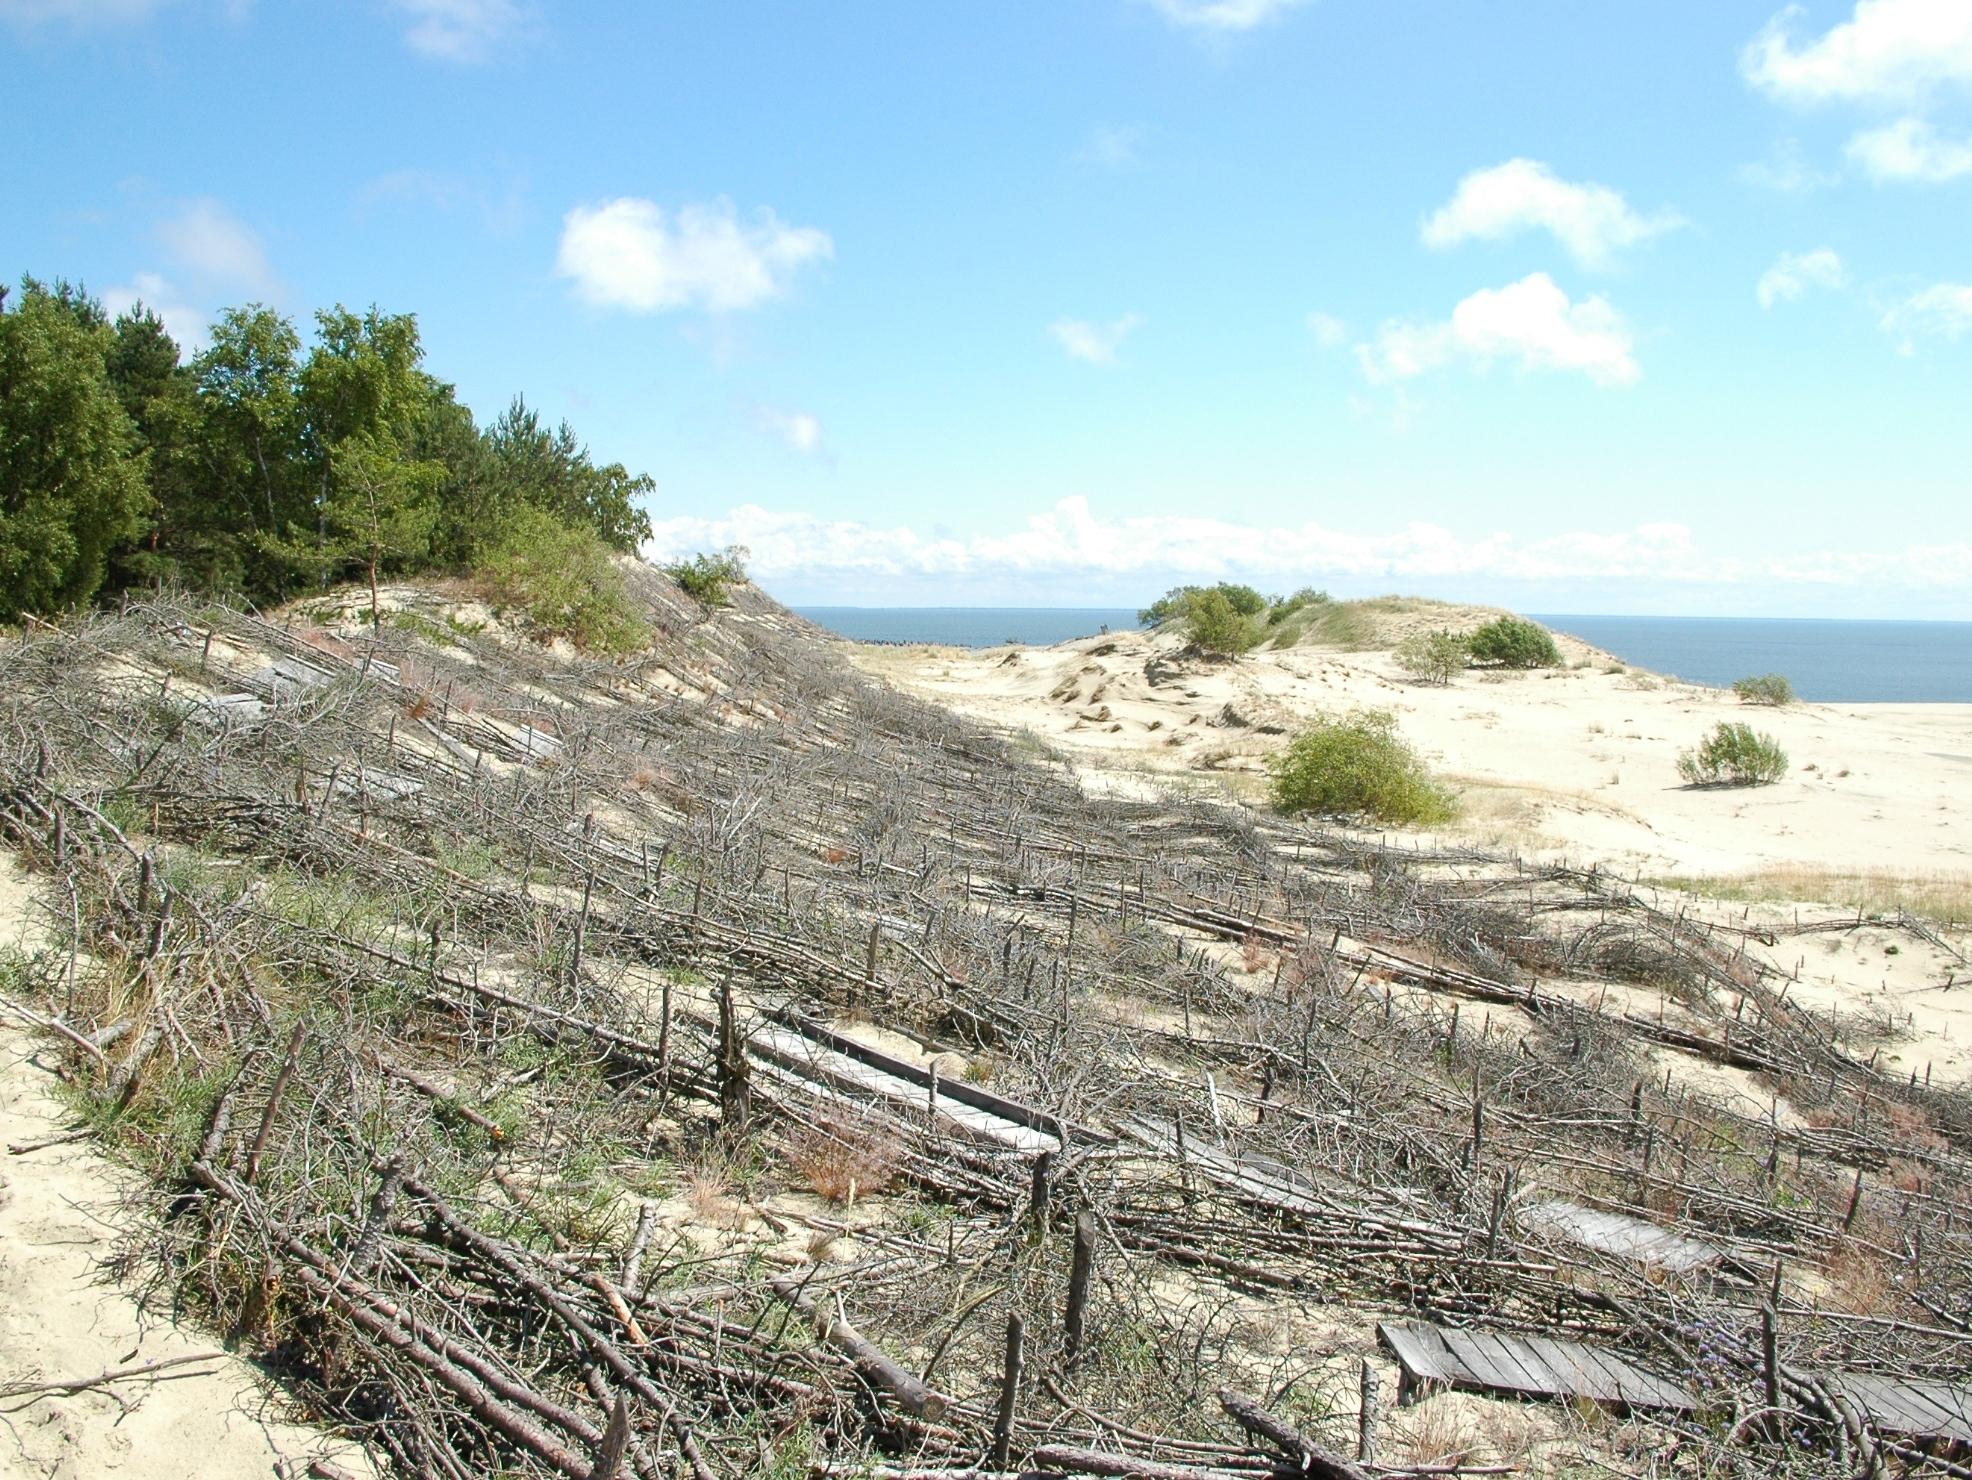 Dünenbefestigung unterhalb der Parnidis-Düne